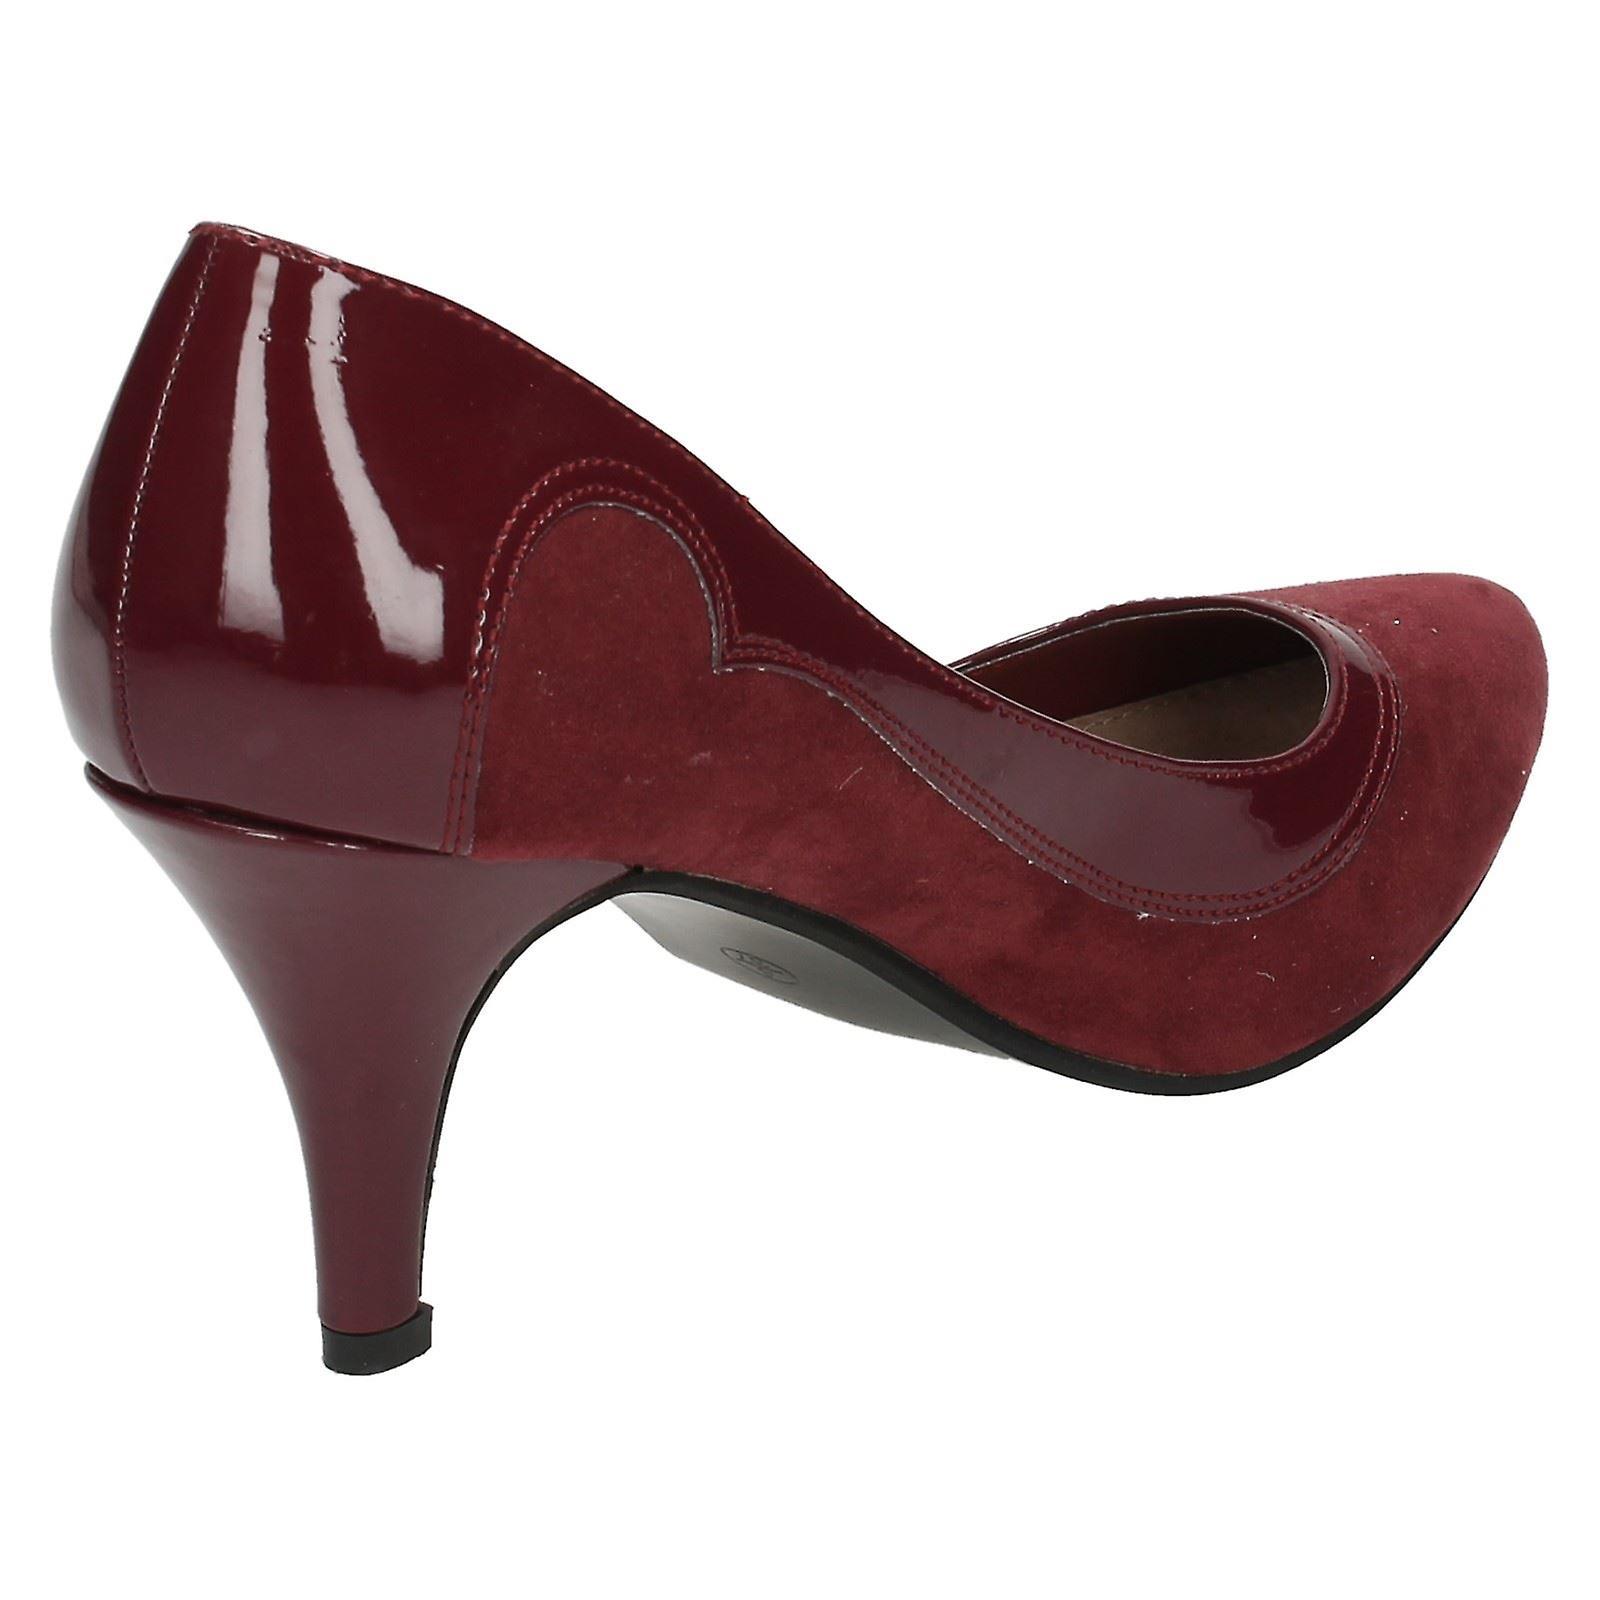 Dames plek op midden hak Hof schoenen - Gratis verzending TEN8nZ